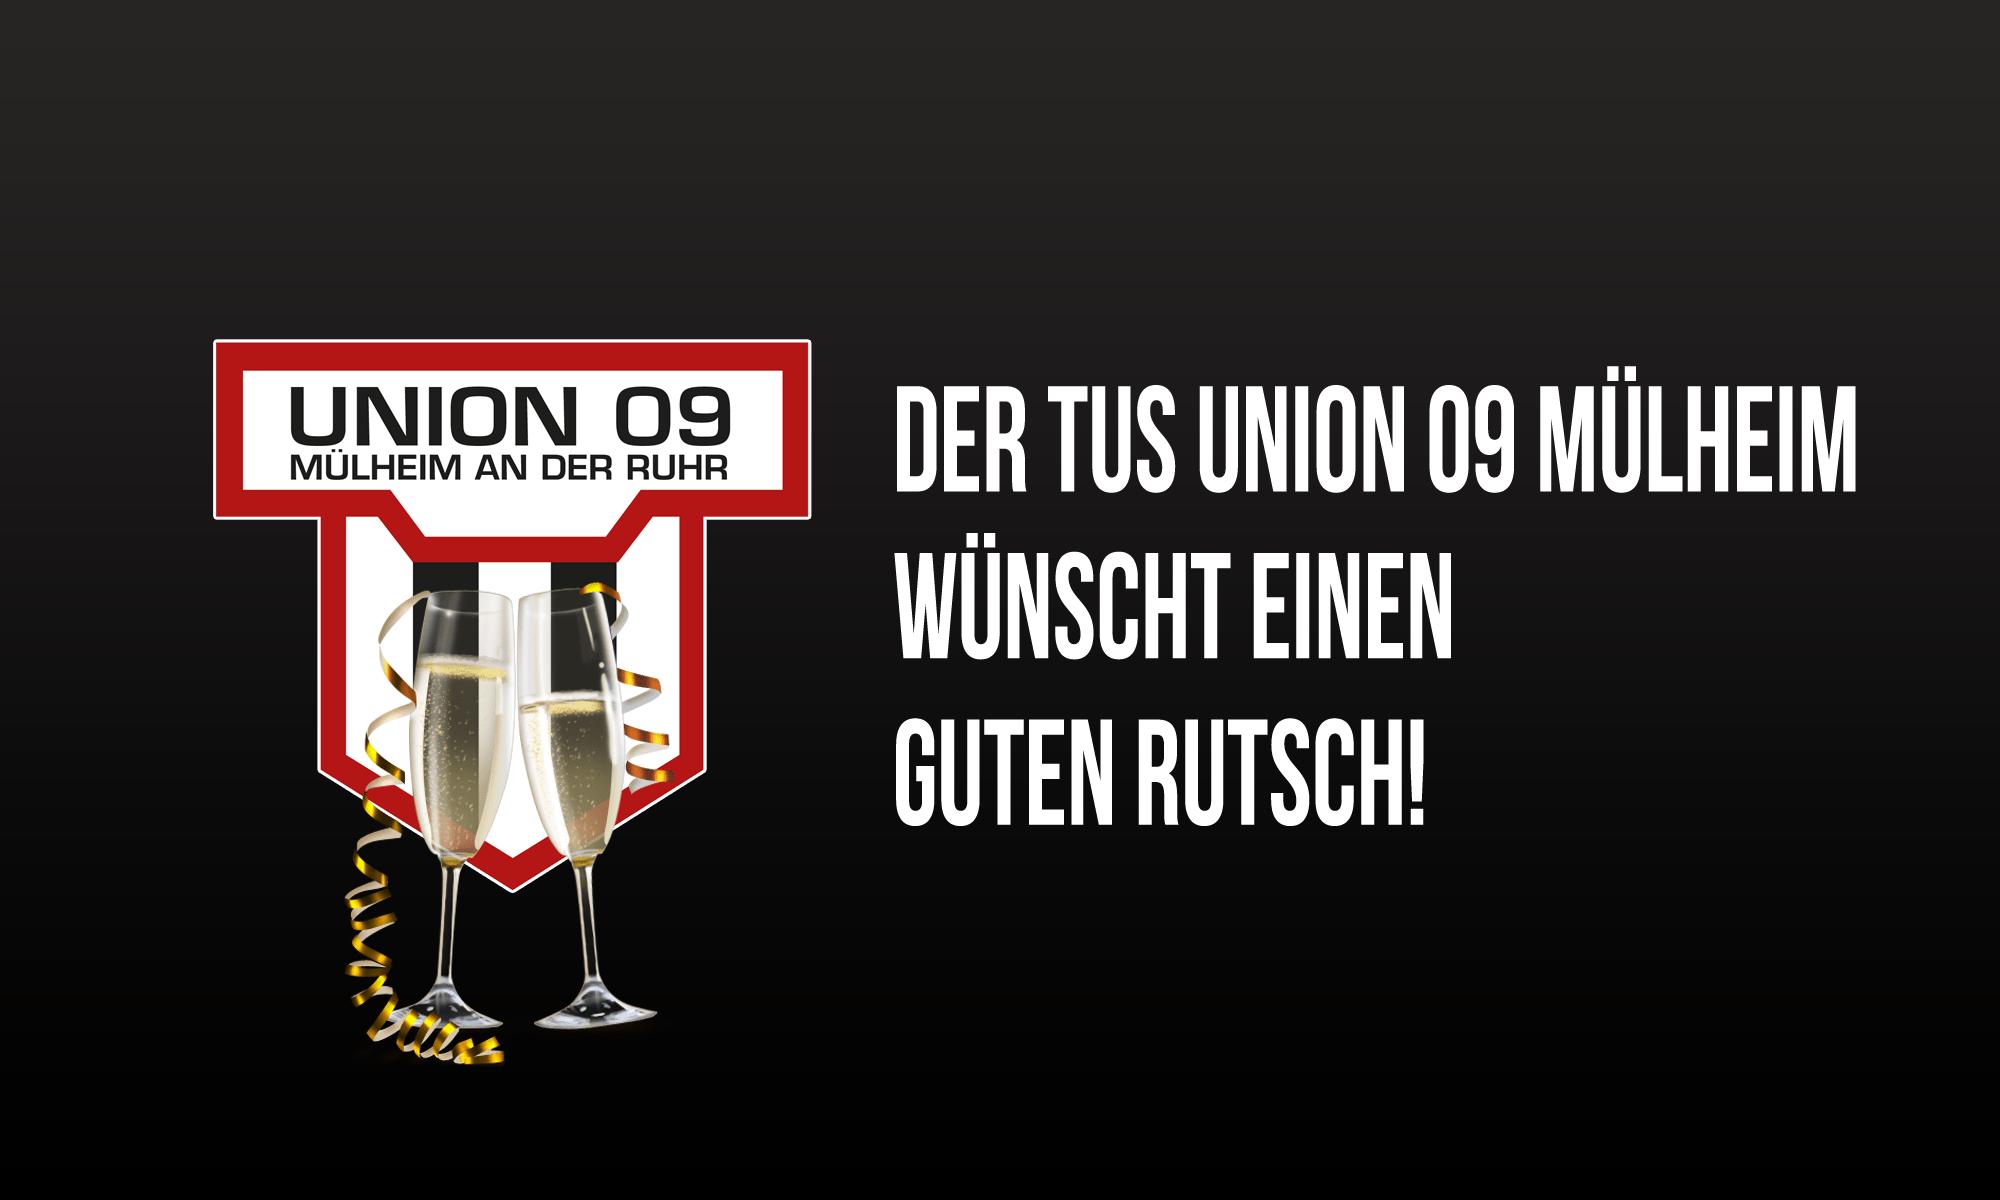 Der TuS Union 09 Mülheim wünscht einen guten Rutsch!